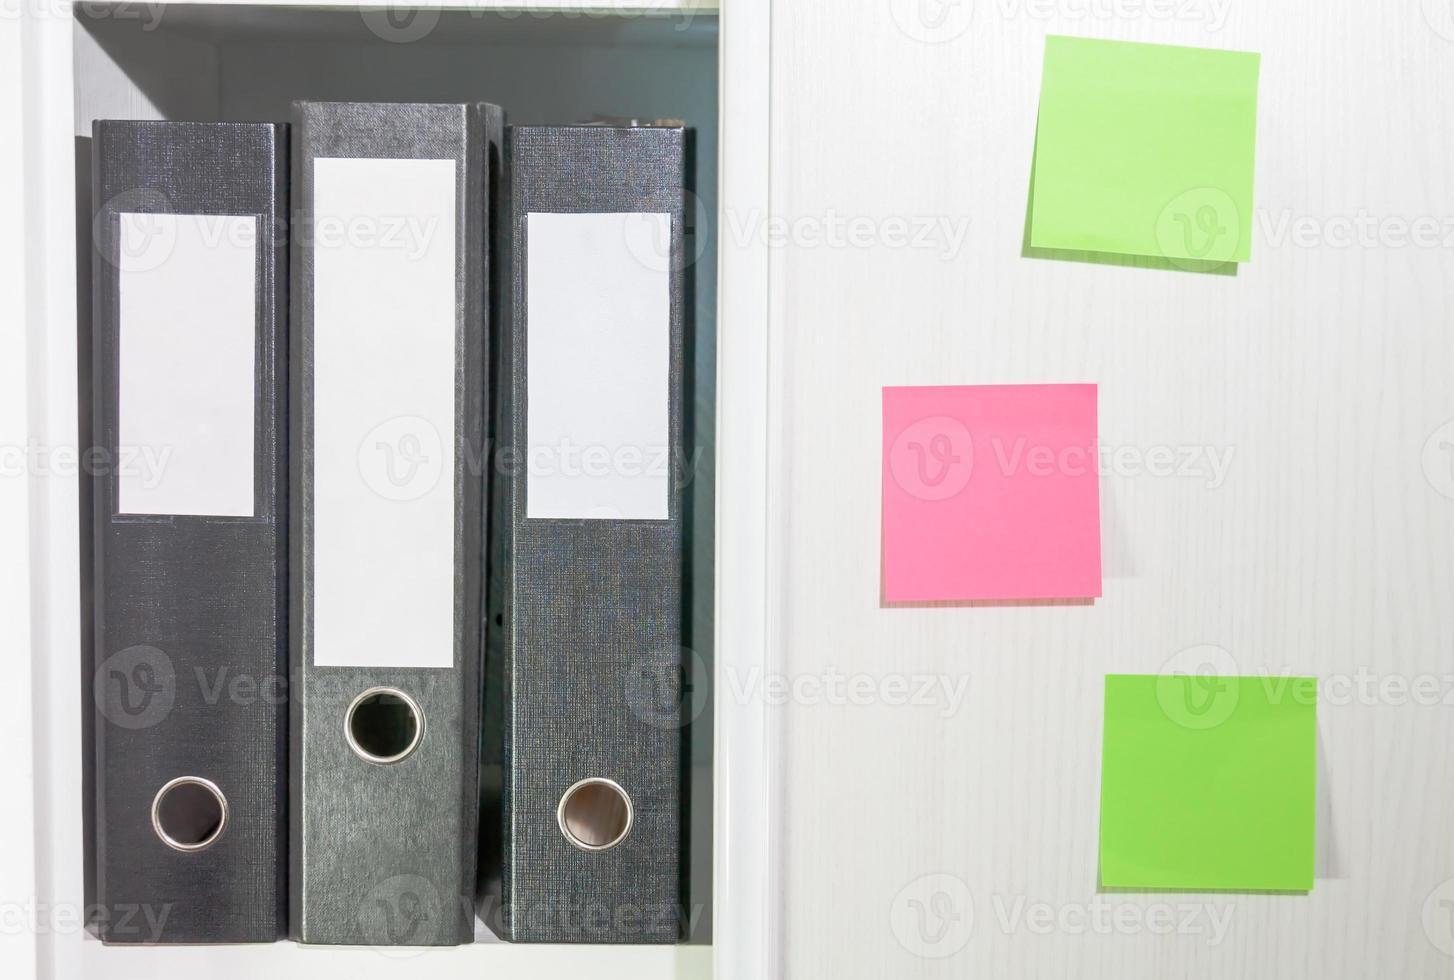 Ordner für Dokumente in einem Bücherregal foto